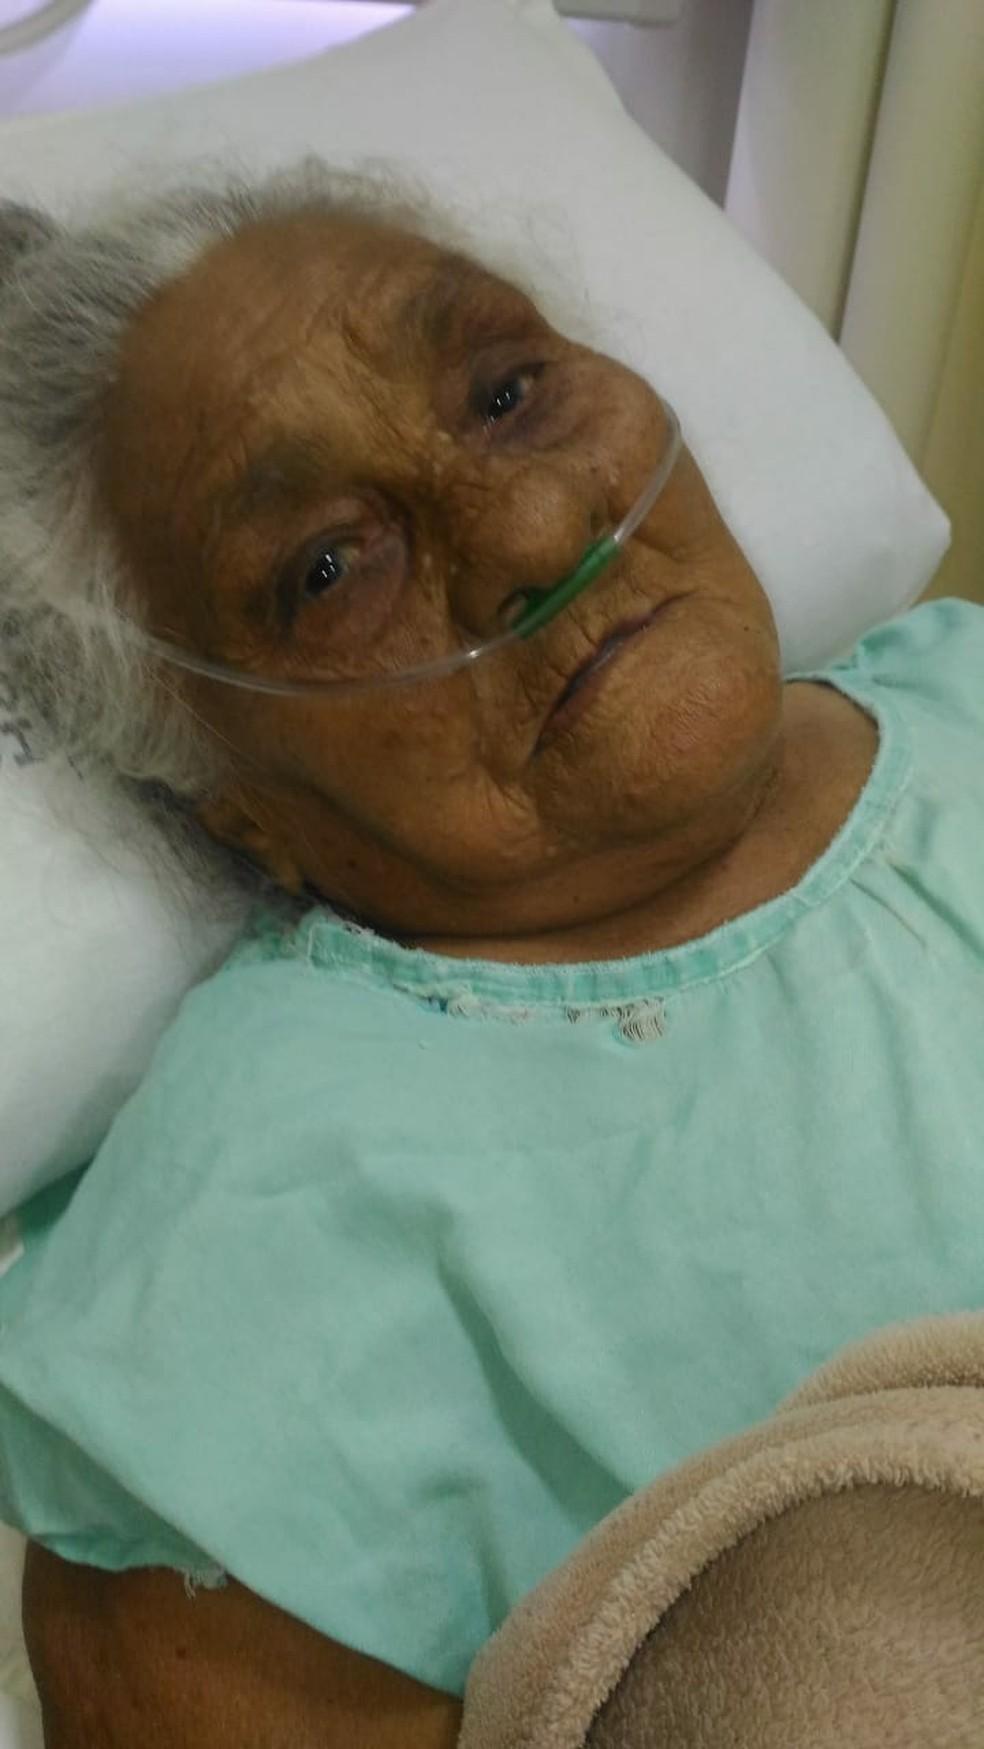 -  Família diz não ter condições de pagar cirurgia avaliada em R$ 30 mil em MS  Foto: Reprodução/Arquivo Pessoal